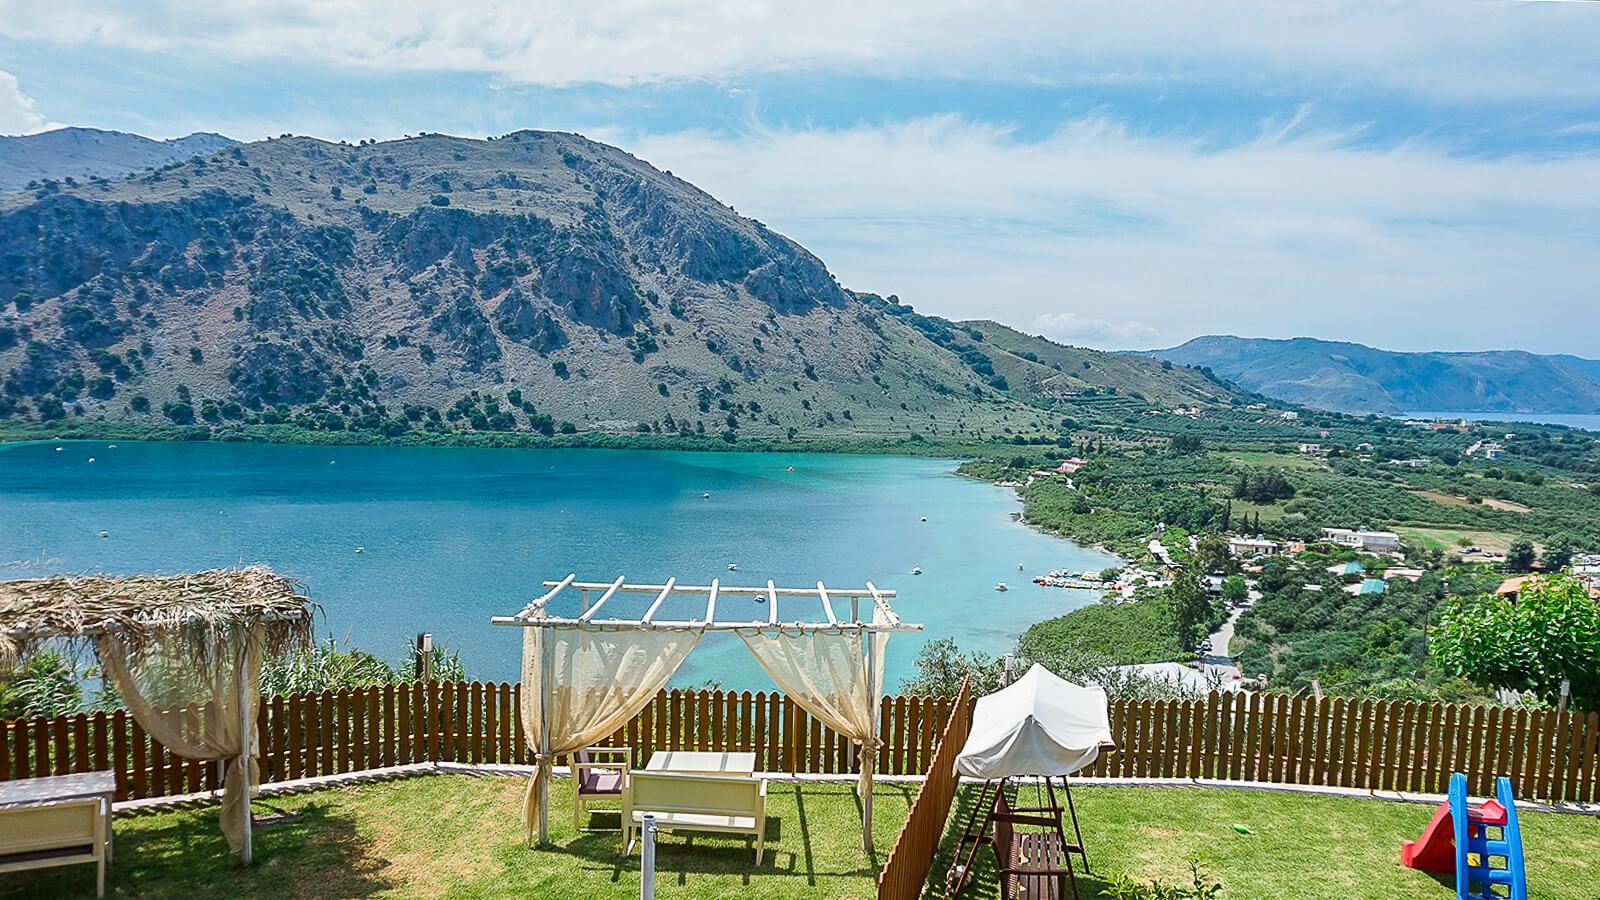 Vakarų Kreta: Retimnas, Chanija ir Kurno ežeras